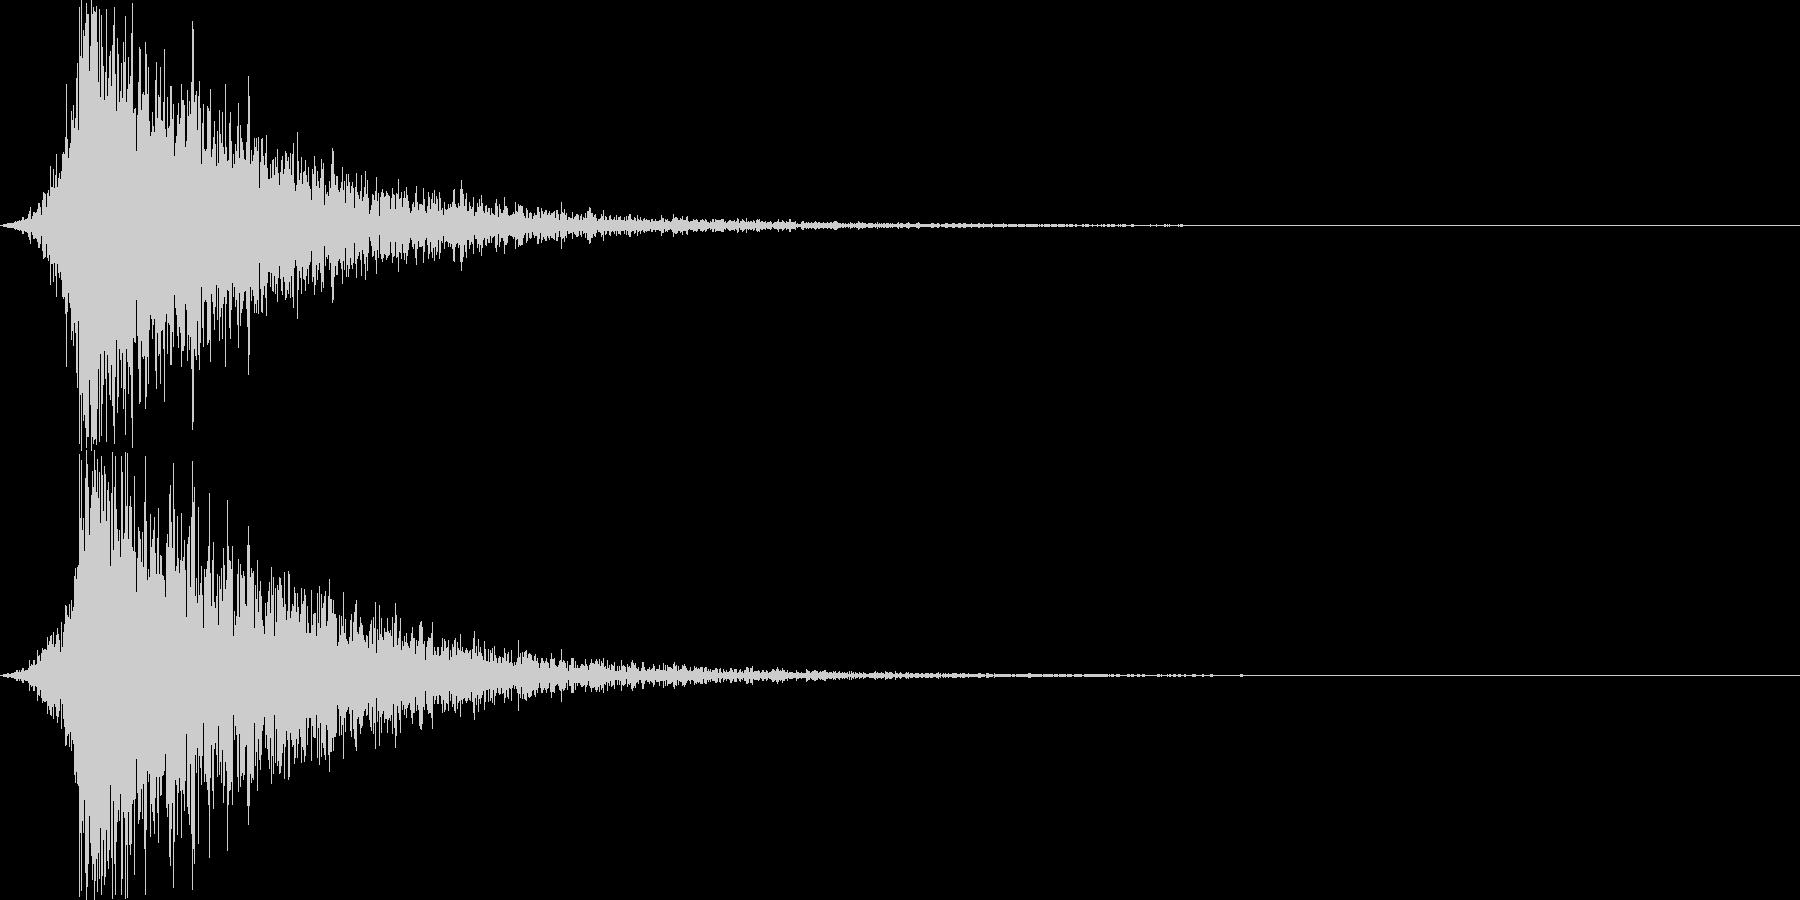 打撃音・爆発音・ヒット1-シュードーンッの未再生の波形